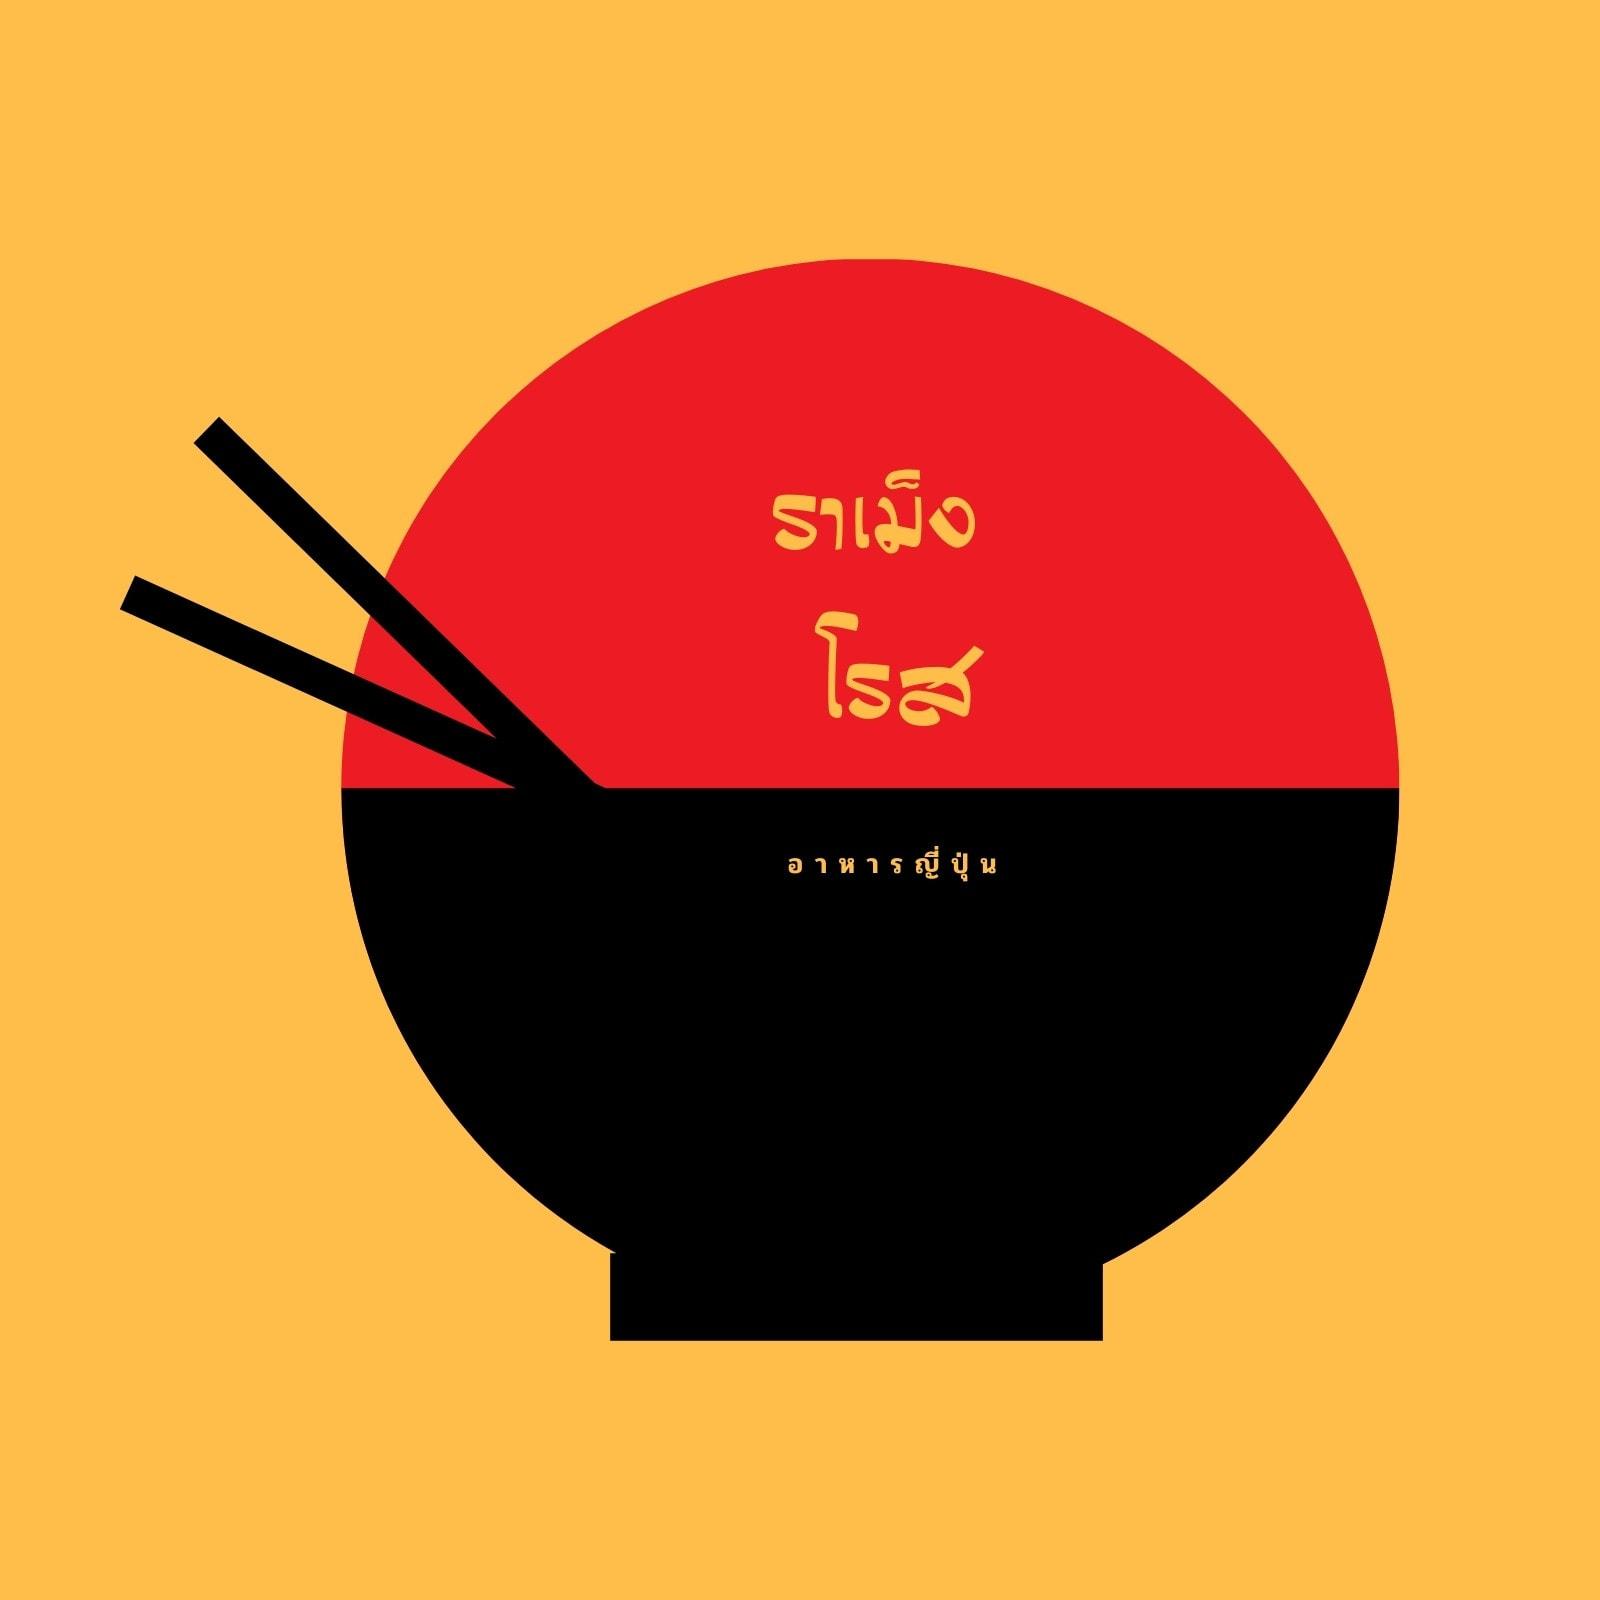 โลโก้ ร้านอาหารญี่ปุ่น ชาม สีแดงและสีดำ